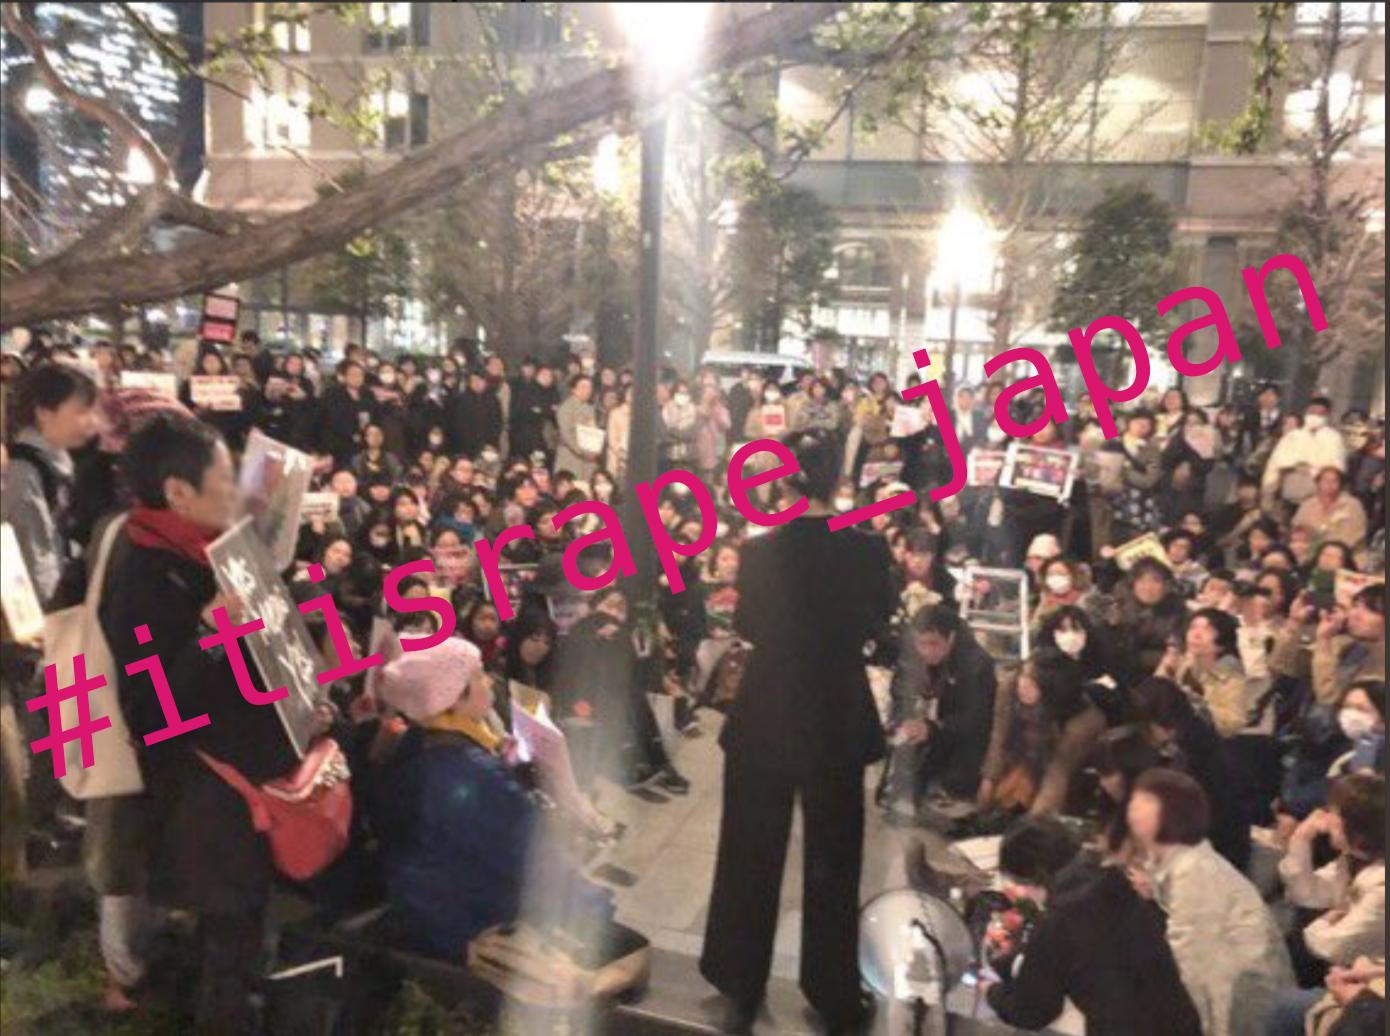 ミソジニー判決に怒りの声。フラワーデモから始まる#WithYou #MeToo